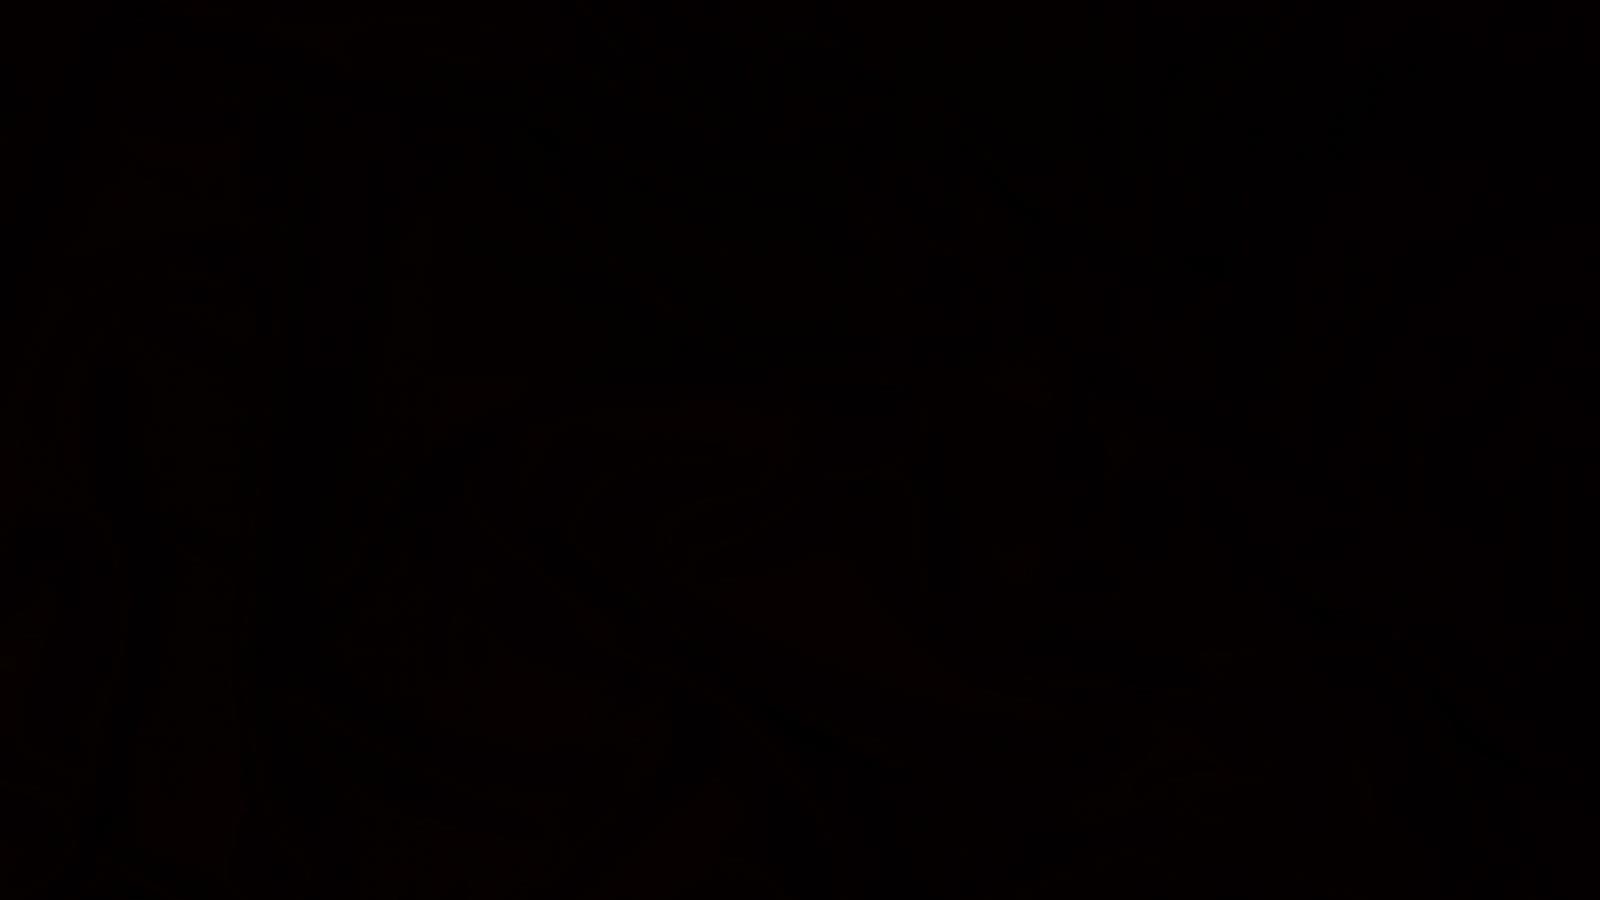 صور خلفية سوداء سادة , صور سوداء ساده